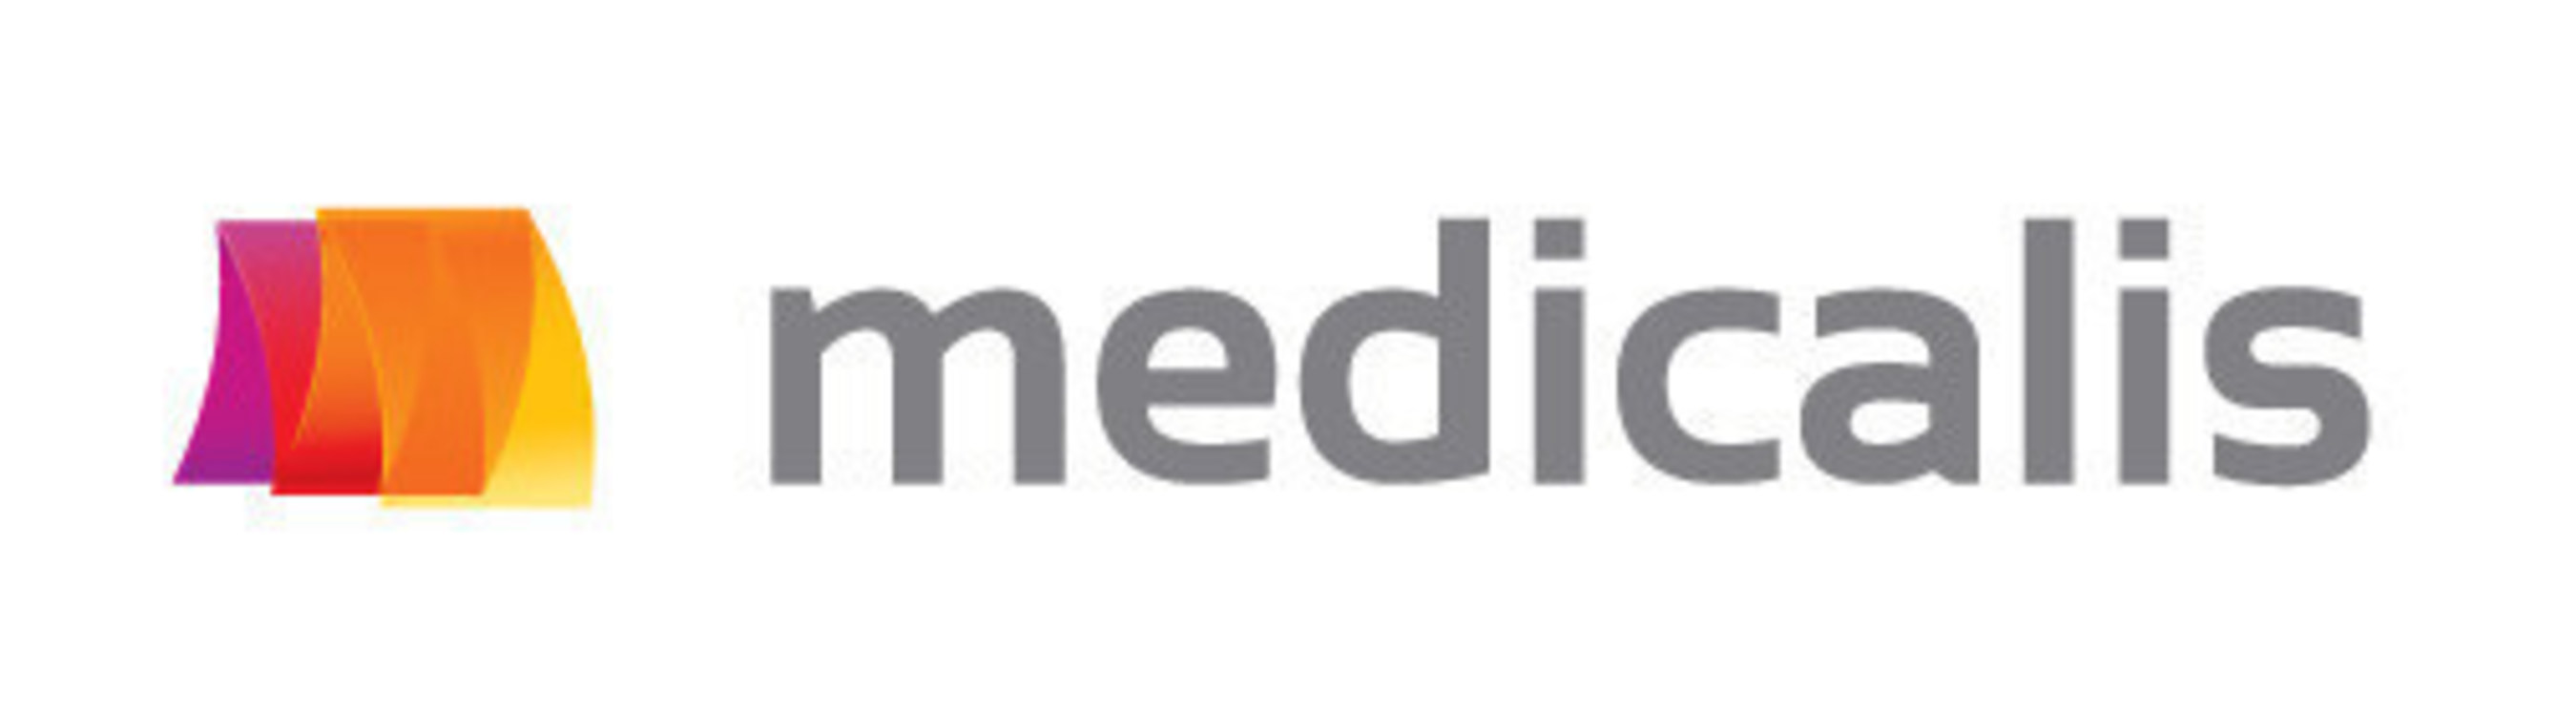 Medical Diagnostic Imaging Group  Mdig  Deploys Medicalis